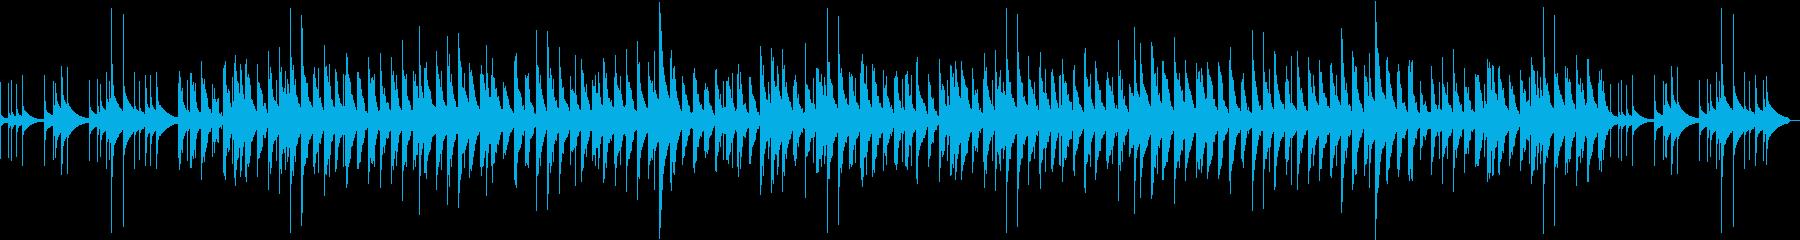 切ないオルゴールの楽曲の再生済みの波形